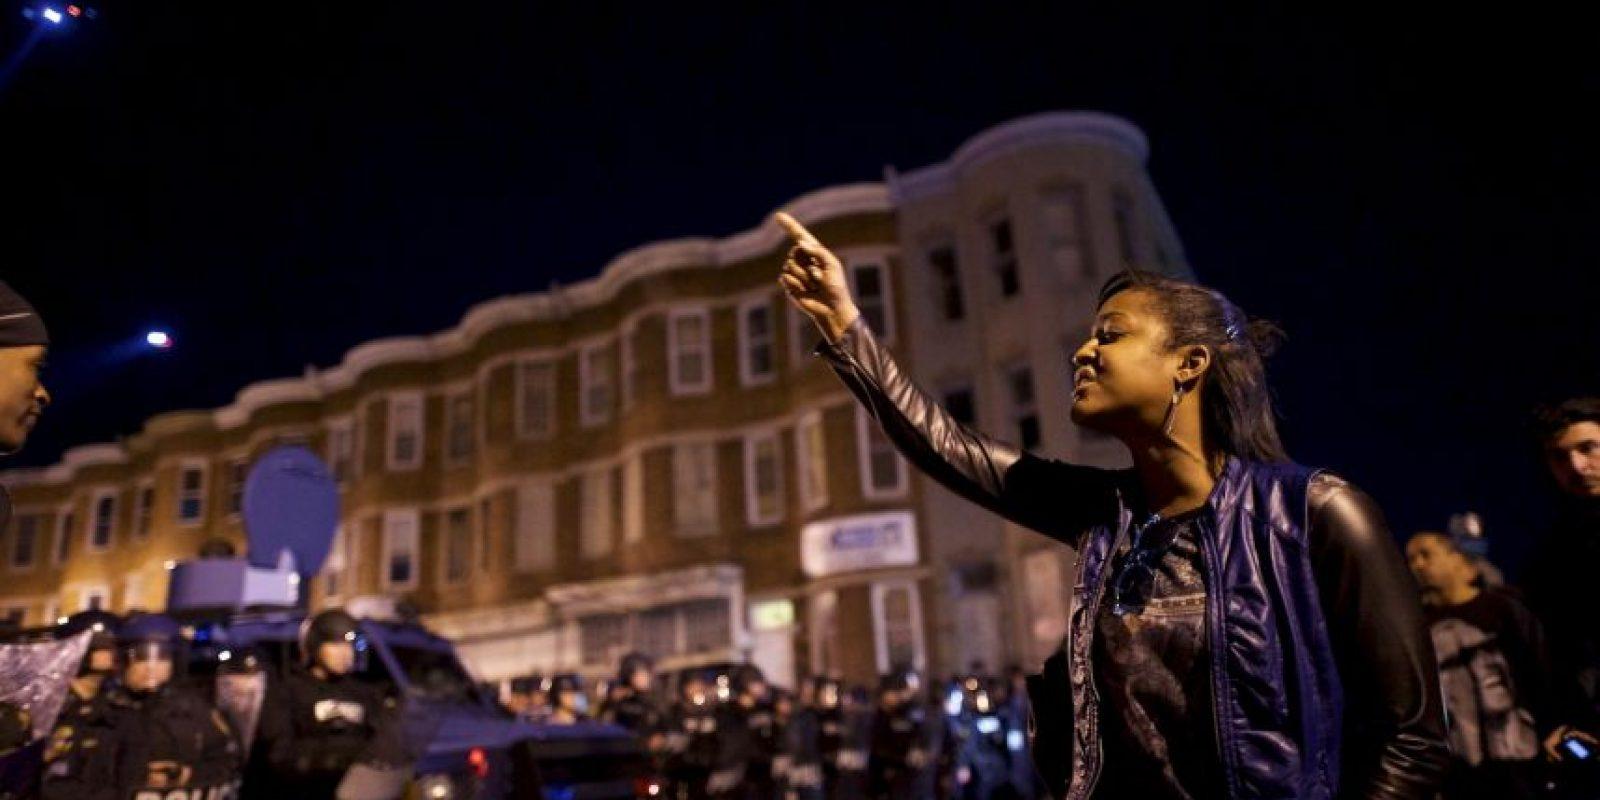 El toque de queda se extendió hasta el 4 de mayo y se seguirá aplicando a todos los ciudadanos. Foto:Getty Images